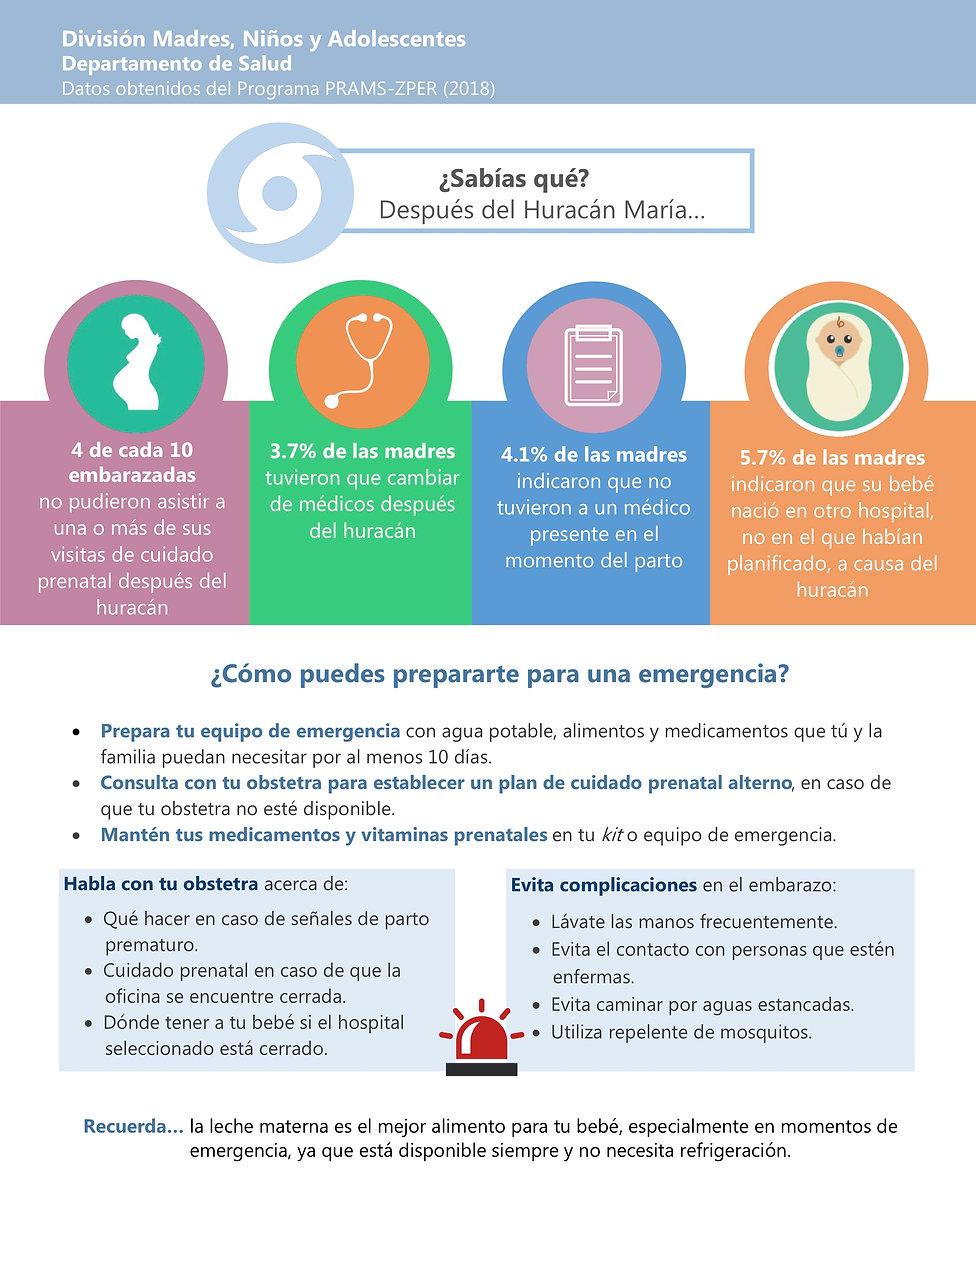 Cómo_prepararte_para_una_emergencia.jpg